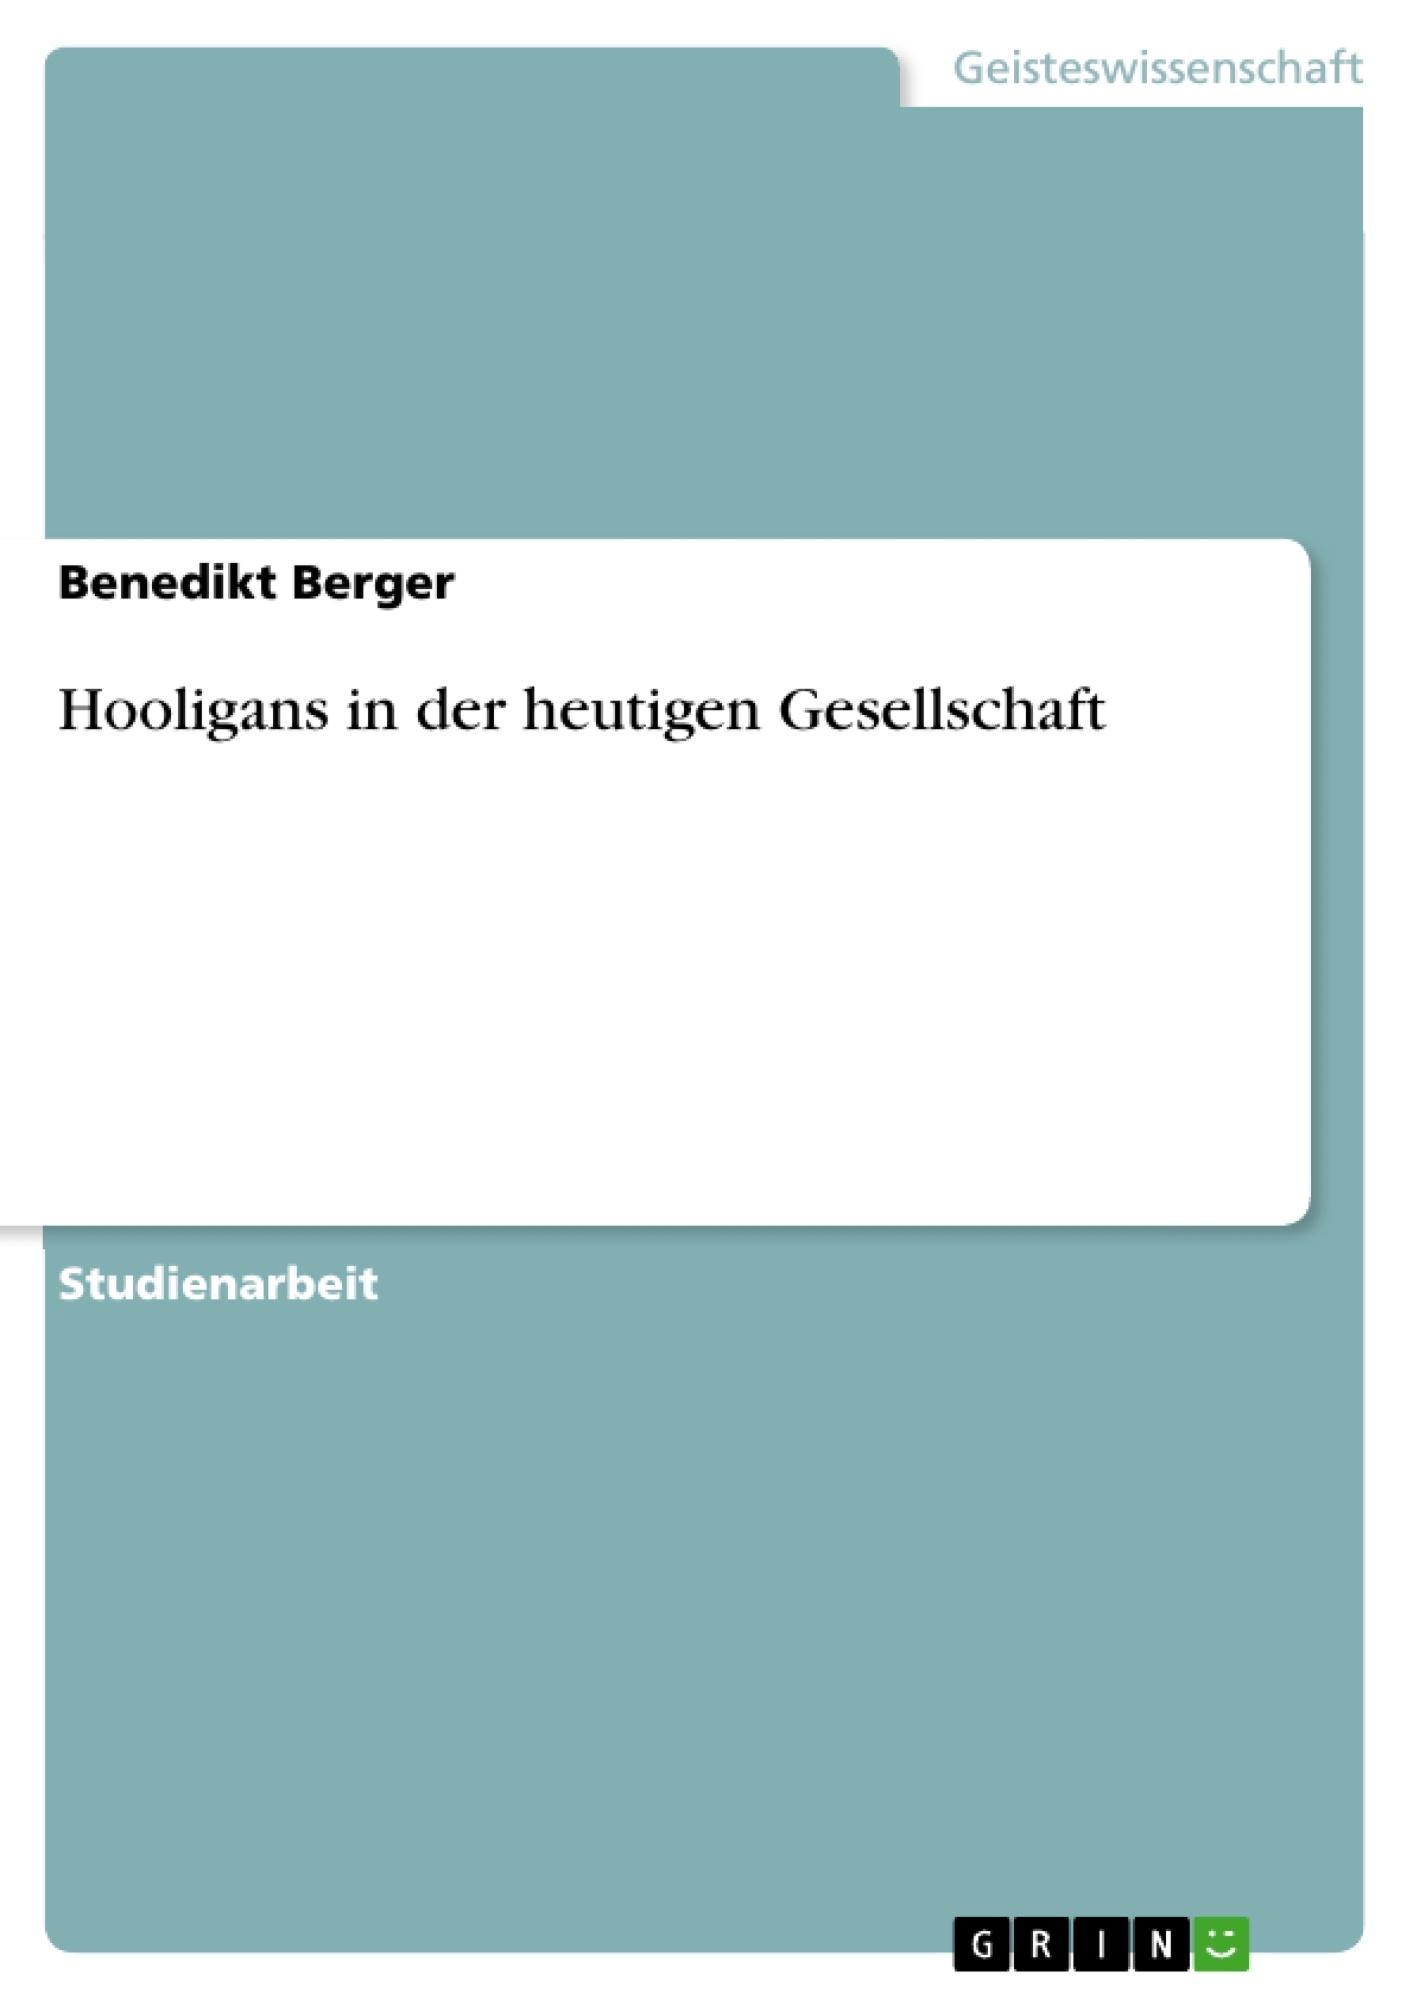 Titel: Hooligans in der heutigen Gesellschaft